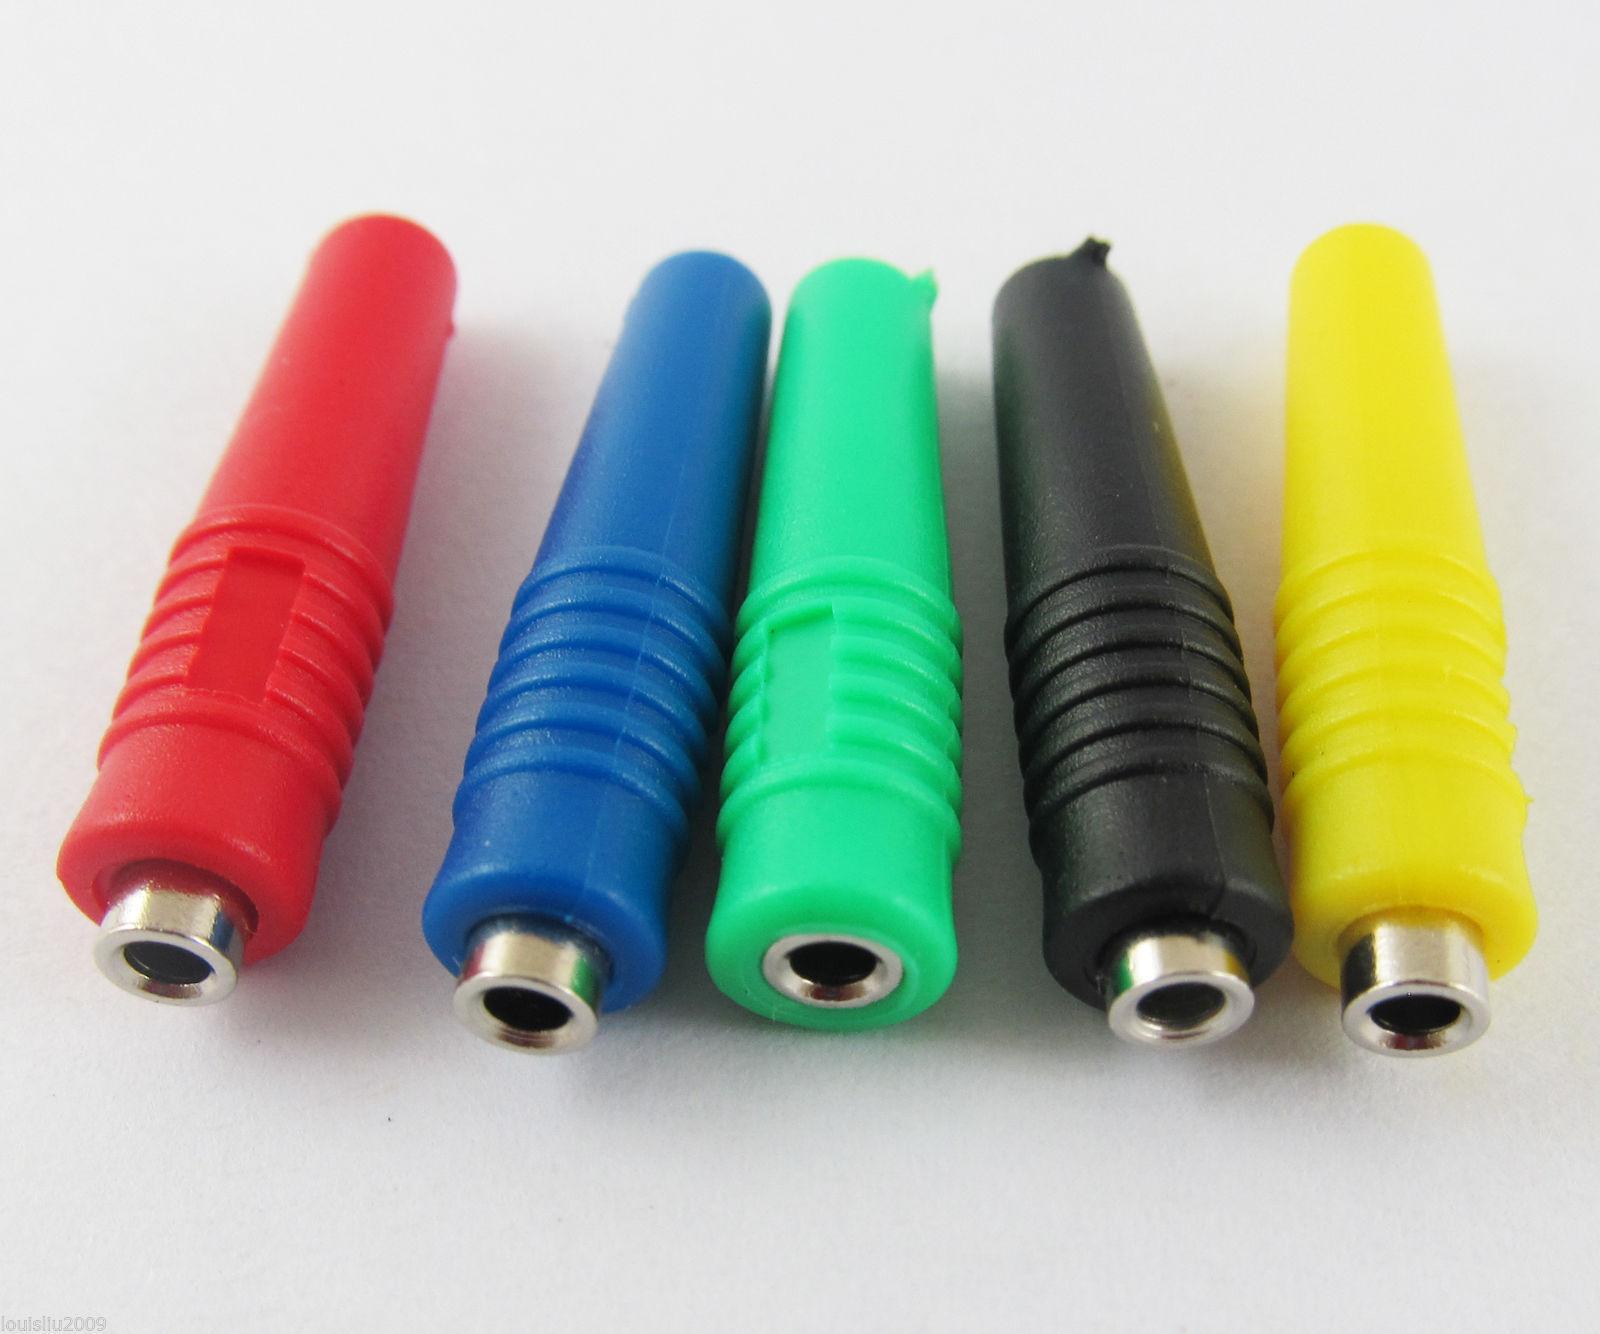 5pcs 2mm Copper Banana Jack Socket Solder Type Test Connector Adapter 5 color-US